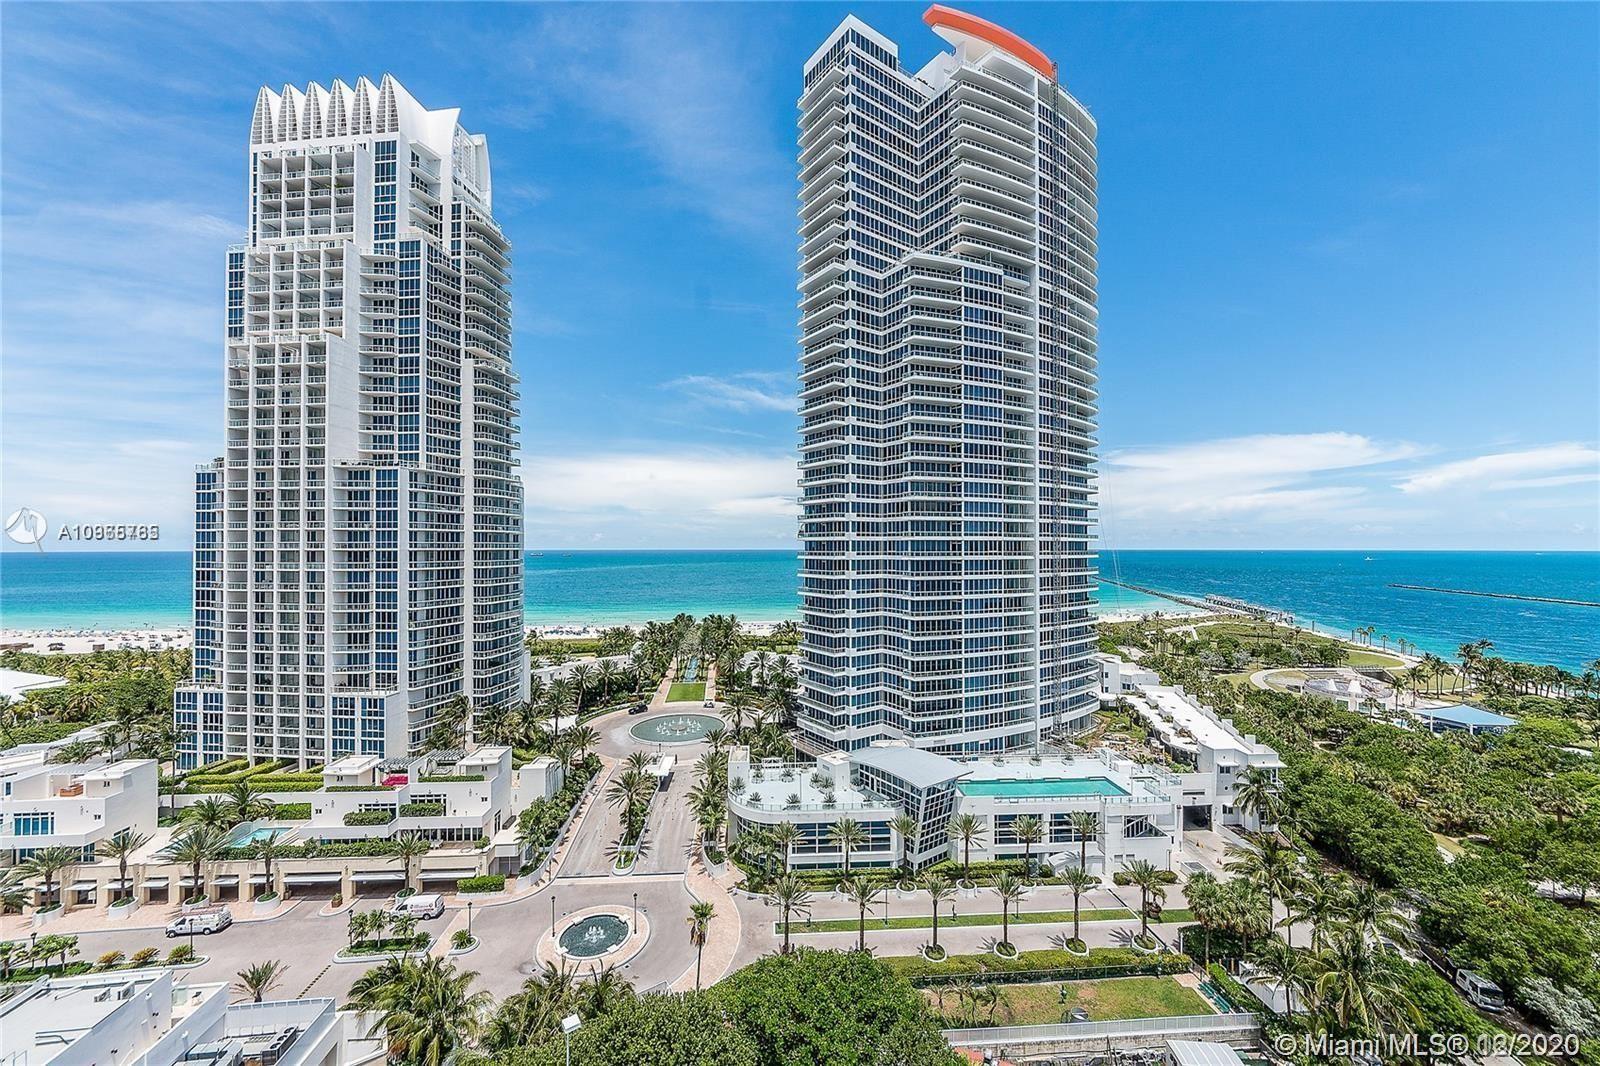 100 S Pointe Dr #1003, Miami Beach, FL 33139 - #: A10965765